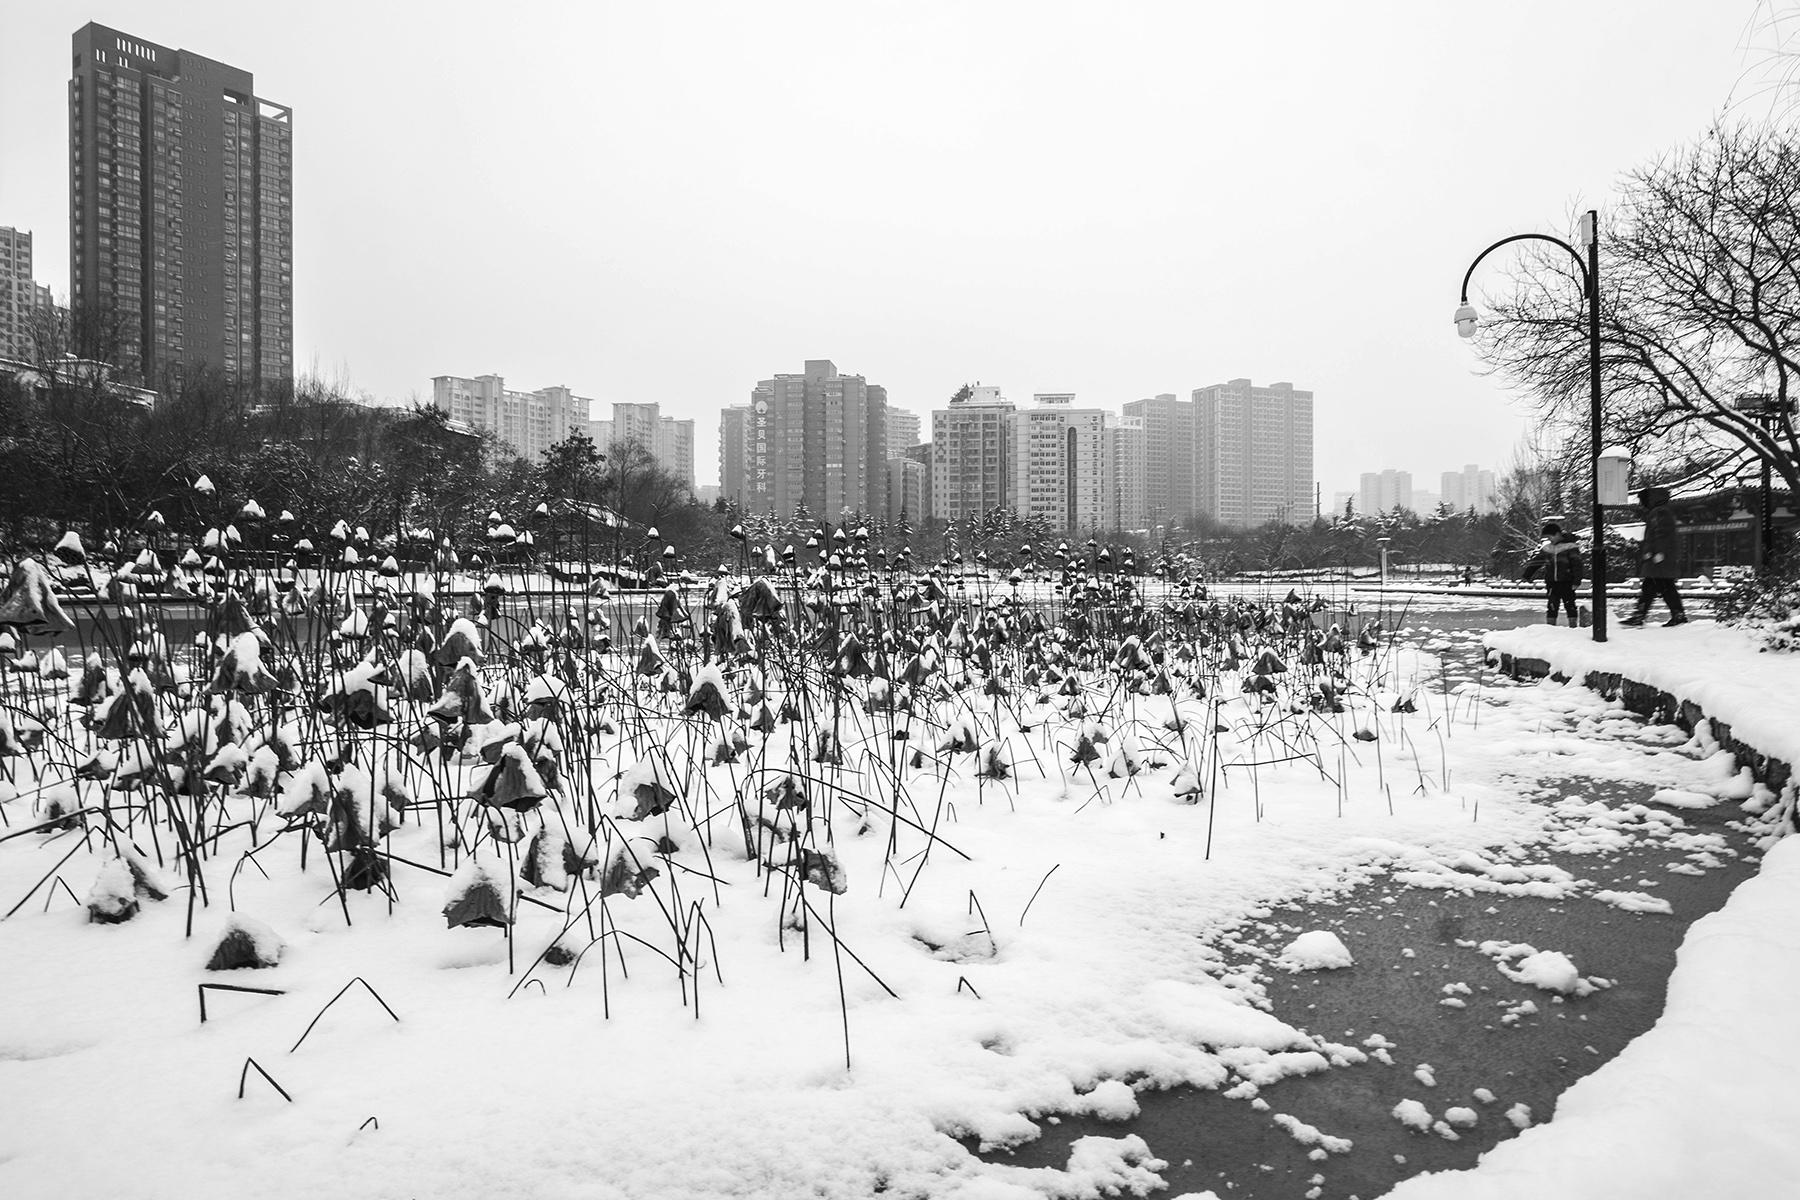 林泉一叟作品:古城好大雪(二)